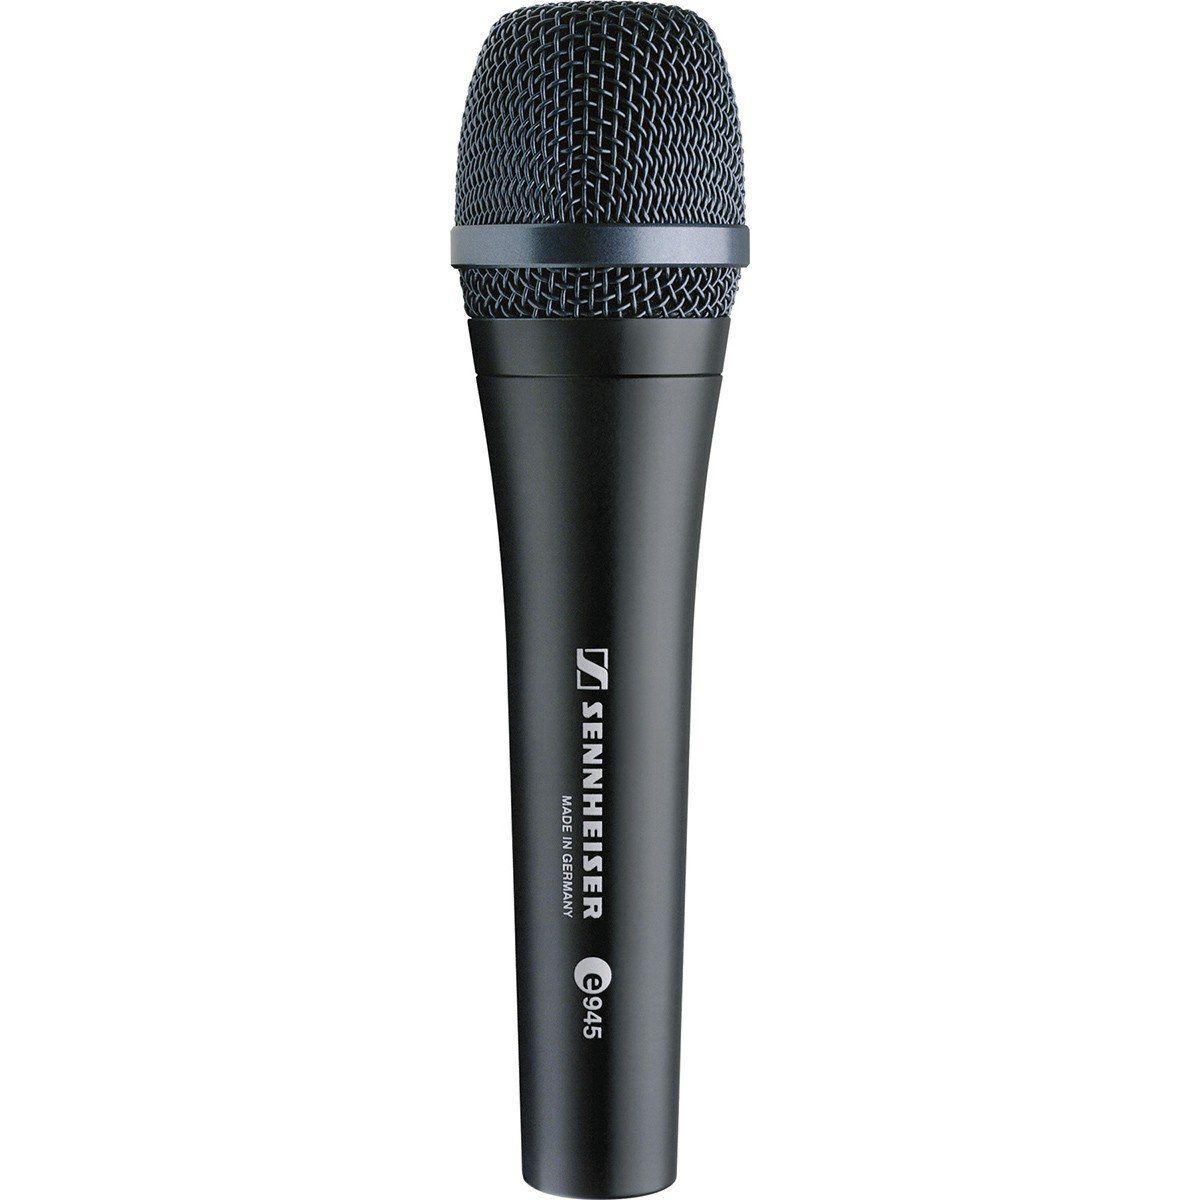 Sennheiser E945 Microfone Dinâmico Supercardióide Sennheiser E 945 para Vocais